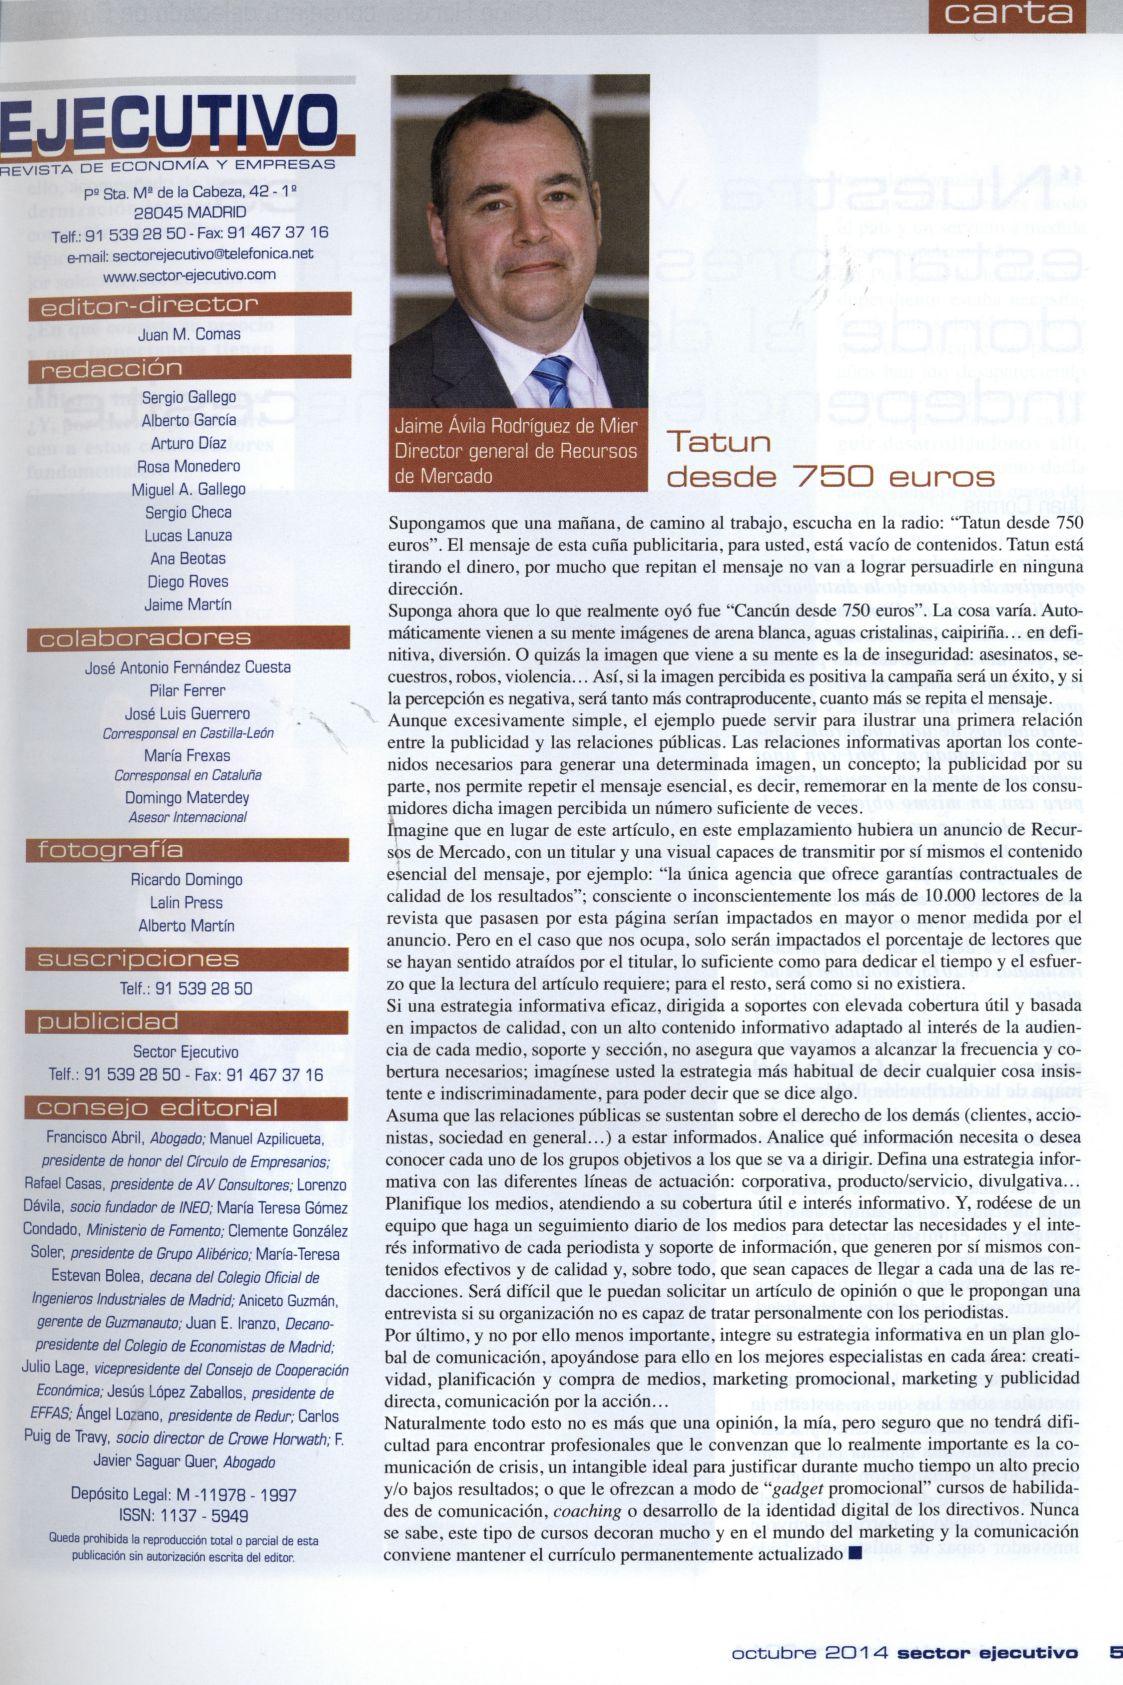 Sector Ejecutivo - octubre 2014